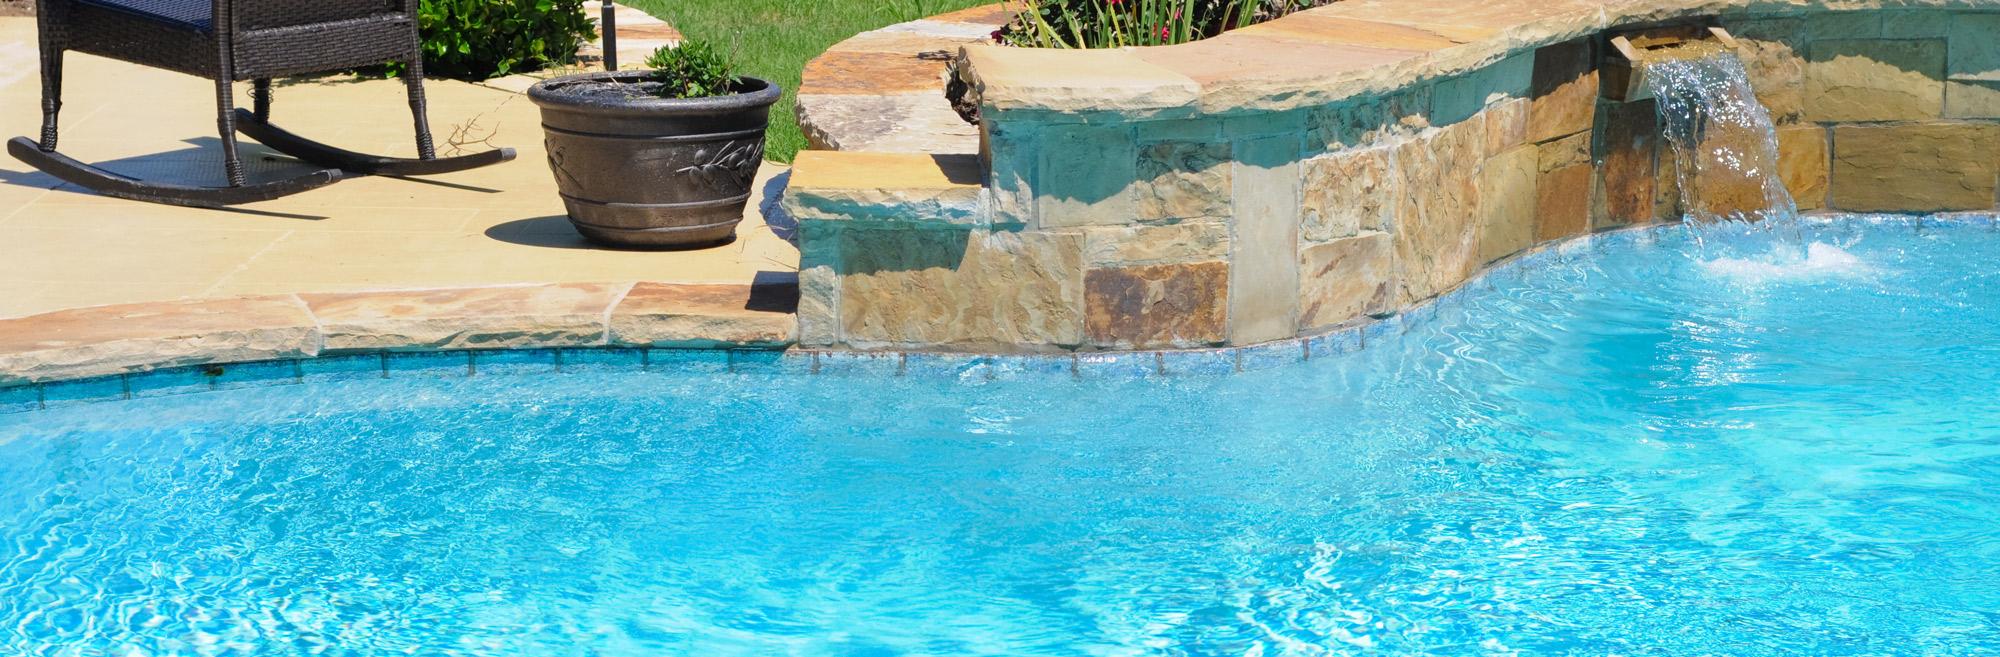 piscina con sistema a skimmer da giardino